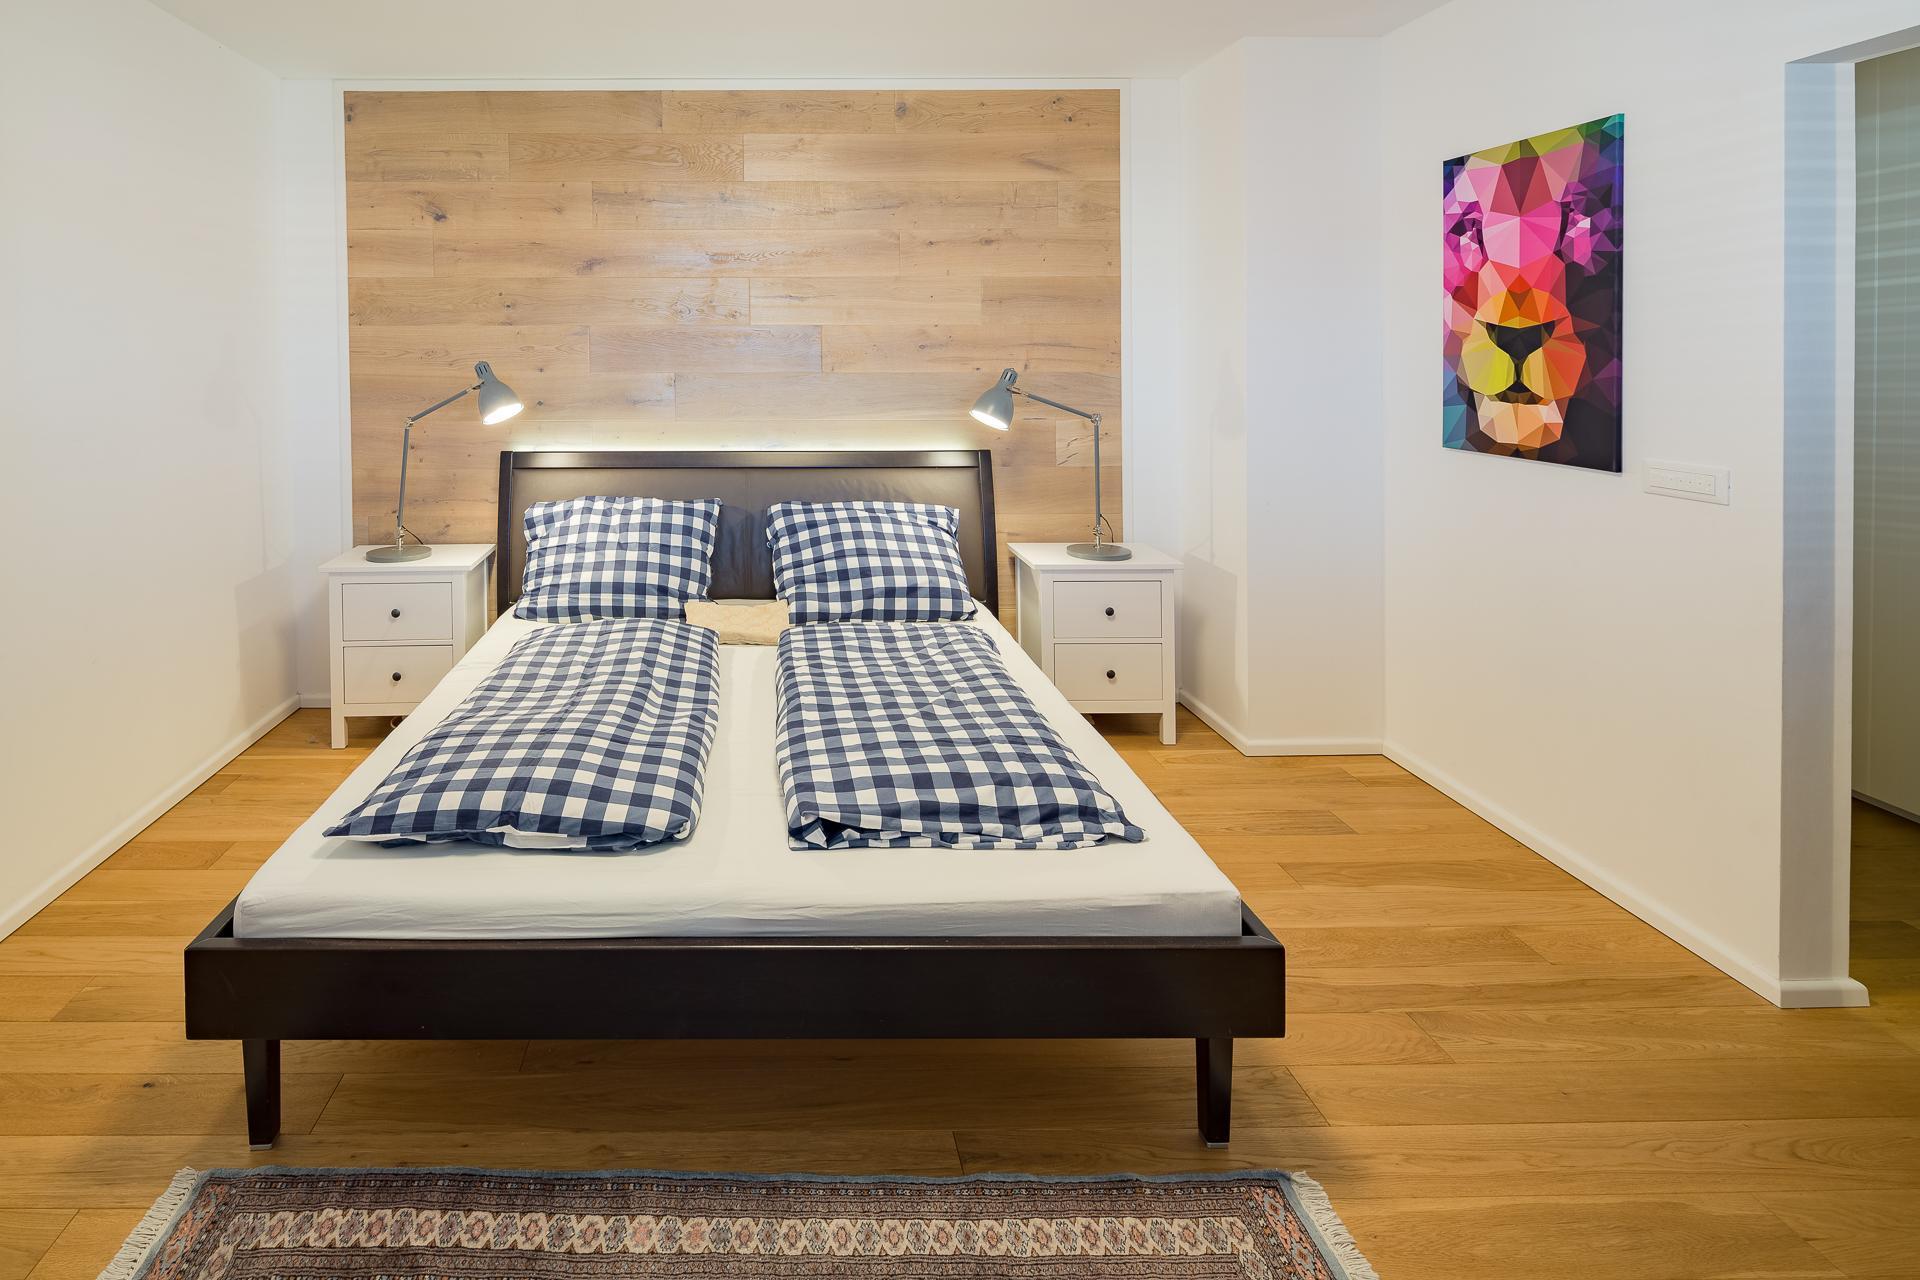 Full Size of Küchenanrichte Kchenanrichte Ikea Sailors Rest Ferienhaus Wohnzimmer Küchenanrichte